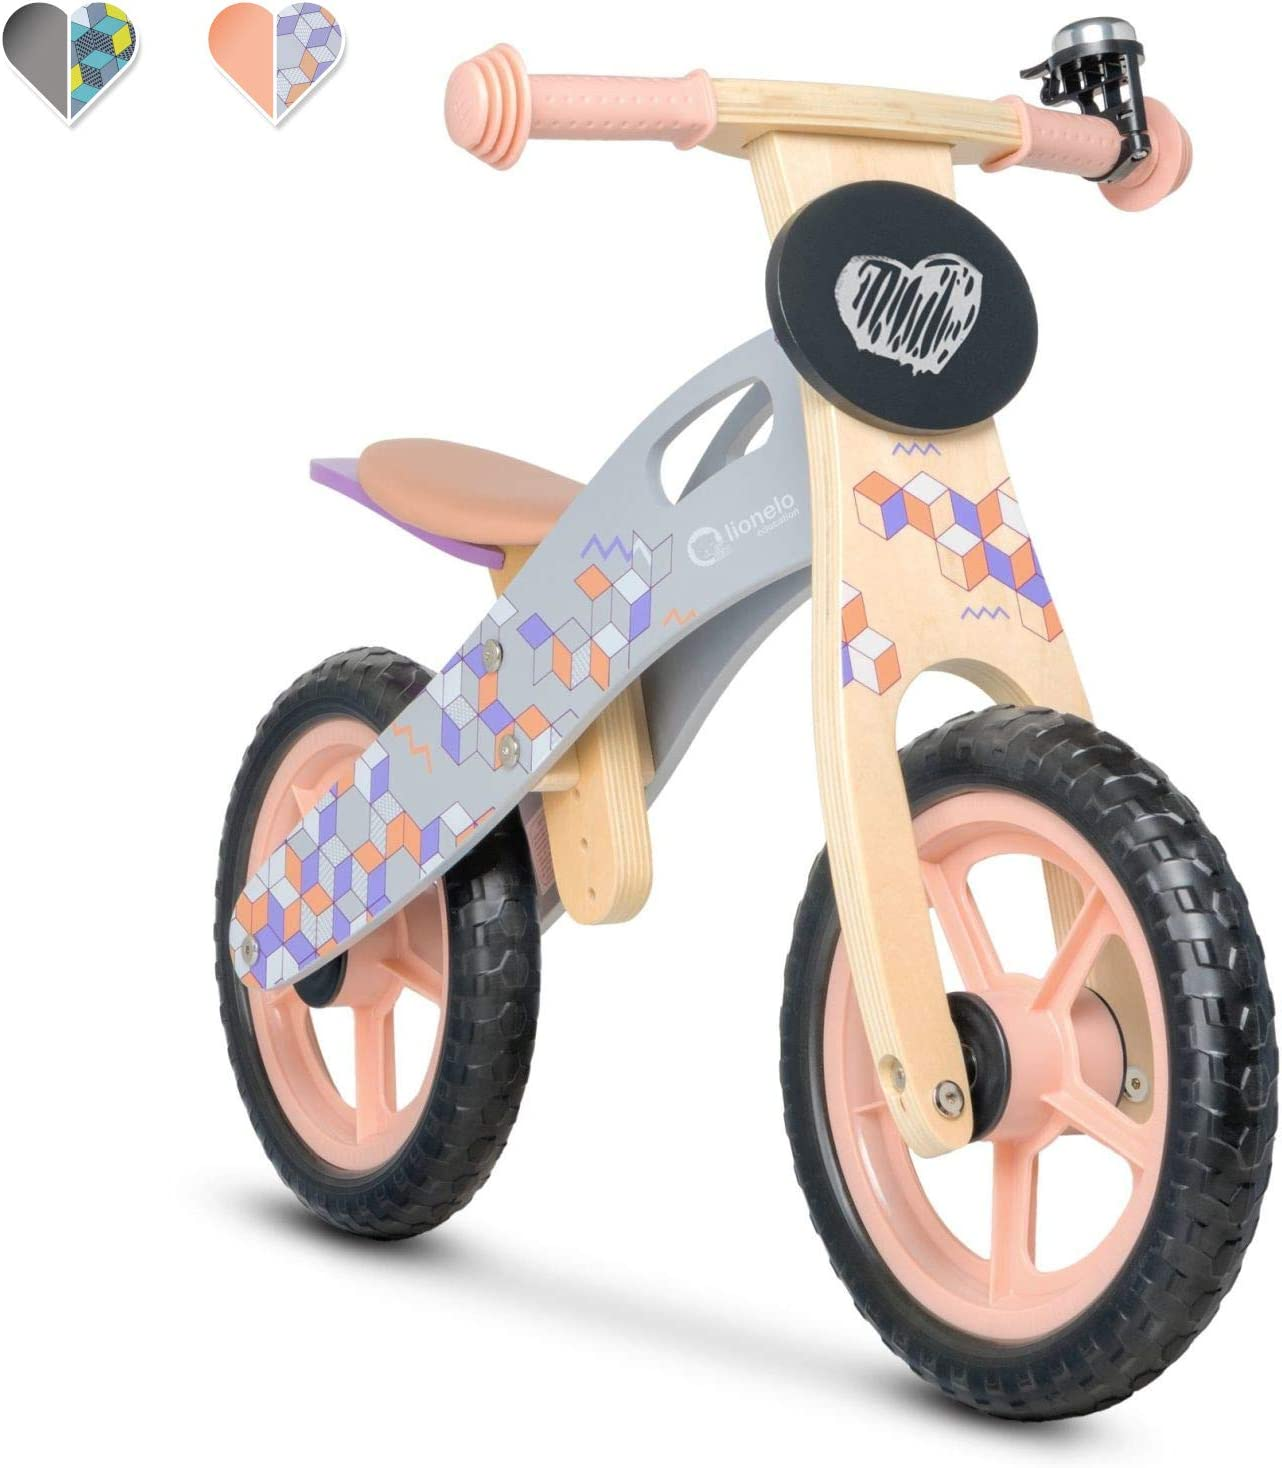 LIONELO Bicicleta Infantil Madera SIN Pedales Casper Pink con Pizarra: Amazon.es: Deportes y aire libre